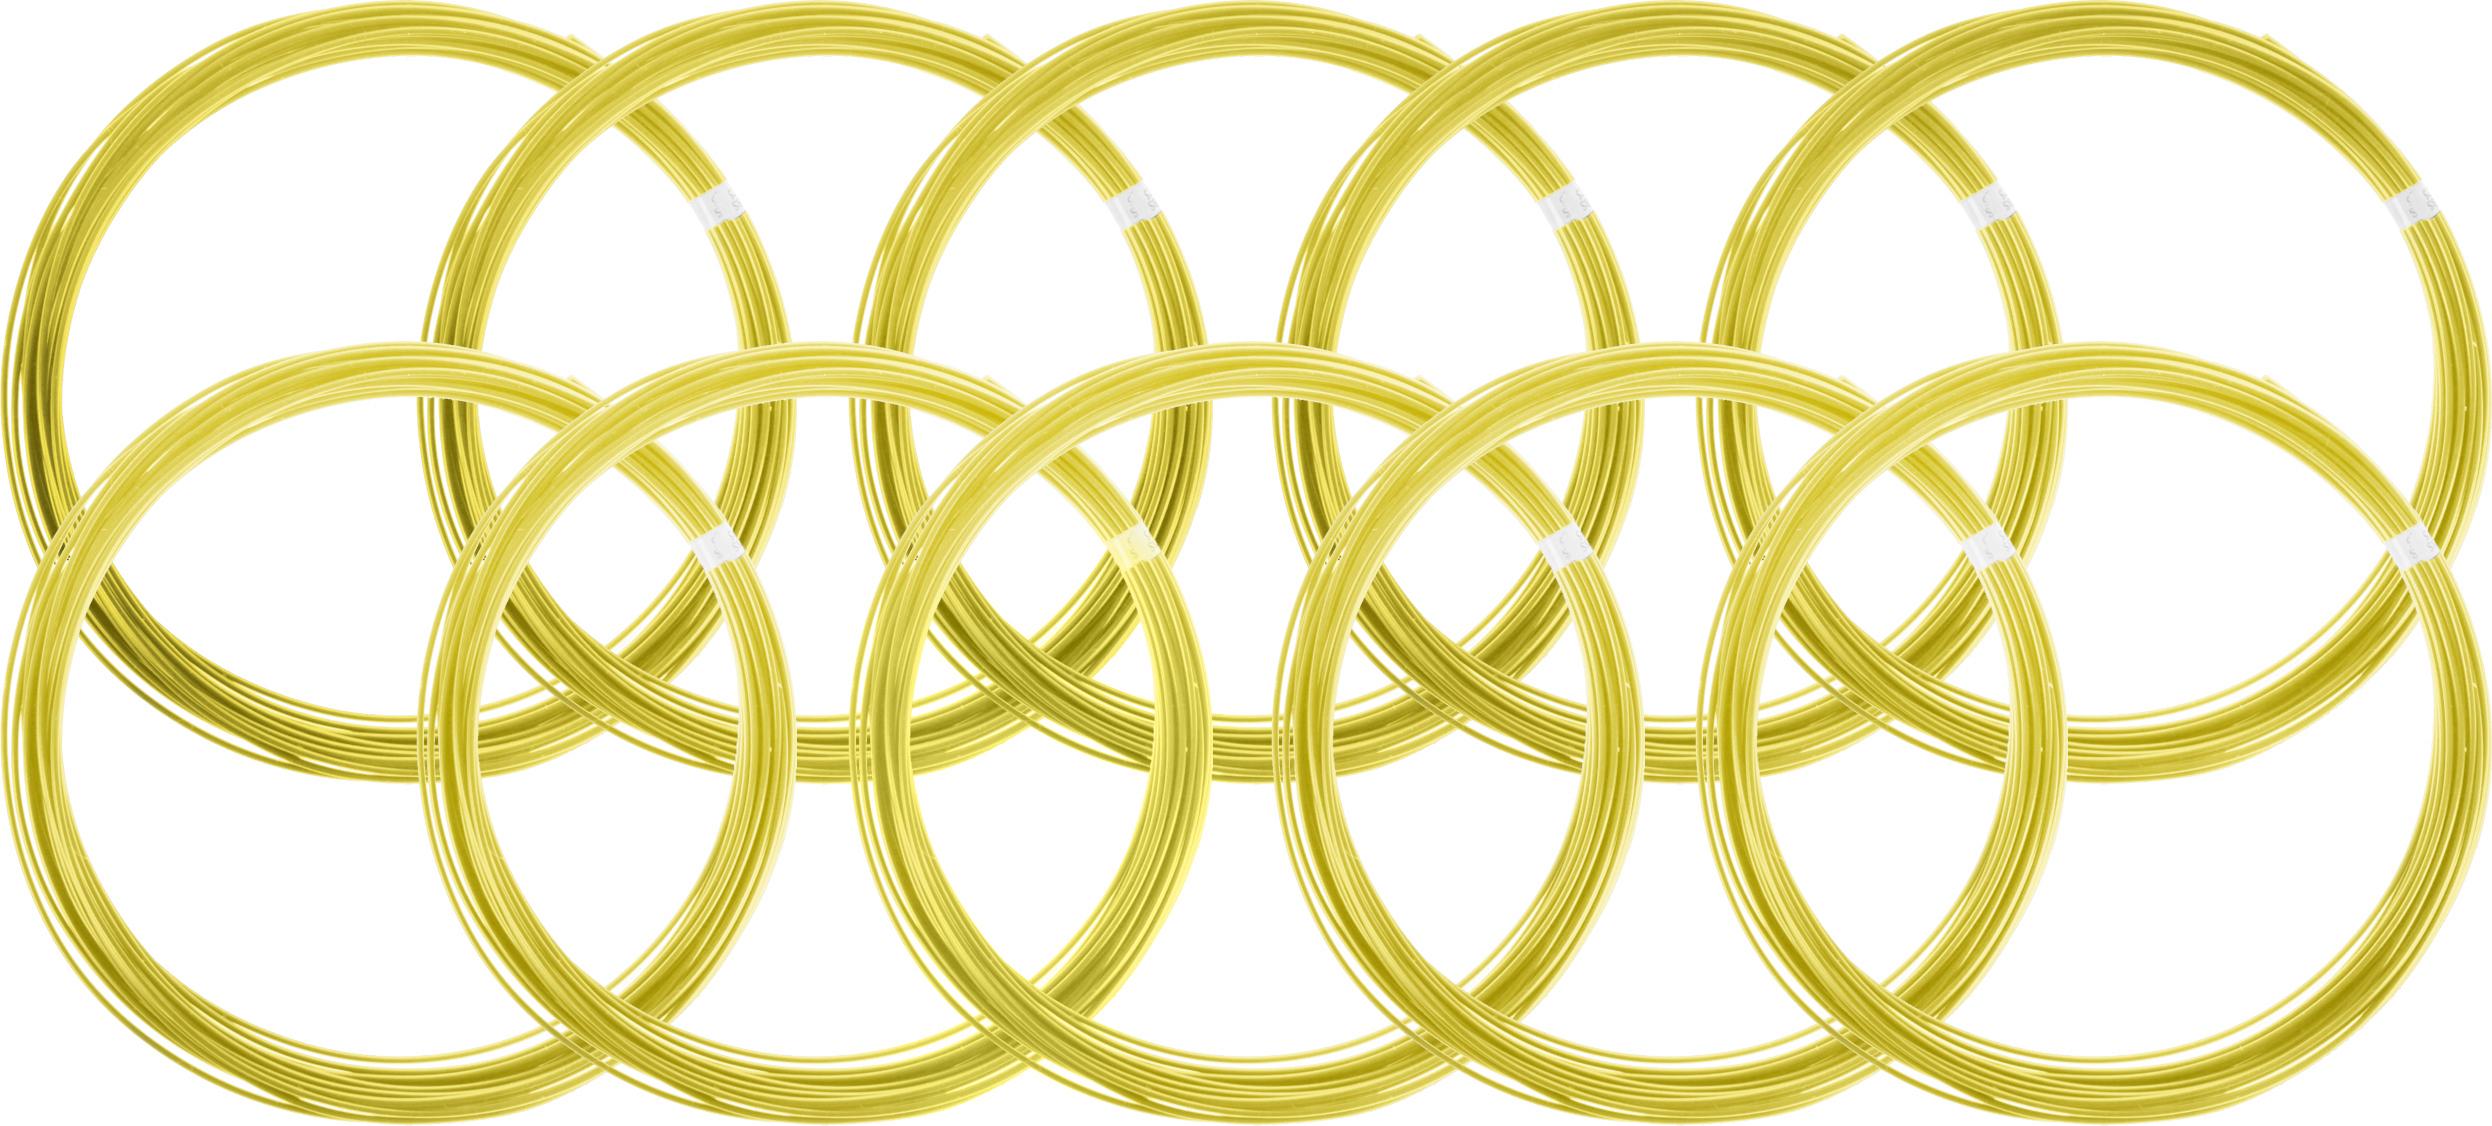 Spider Box пластик ABS, Lemon 10 м 10 шт2990000001948Набор пластика ABS Spider Box - это главный и единственный расходный материал, используя который вы сможете делать мыслимые и немыслимые вещи, подсказанные вашим воображением.Пластик ABS может принимать много разных полимерных форм, ему можно придавать множество самых различных свойств. Его пластичность позволяет легко создавать элементы различных соединений и крепежа.Материал легко шлифуется и обрабатывается. Важно отметить, что ABS пластик растворяется в ацетоне, что позволяет склеивать детали и добиваться очень гладкой поверхности.При плавлении может выделять легкий запах пластмассы.